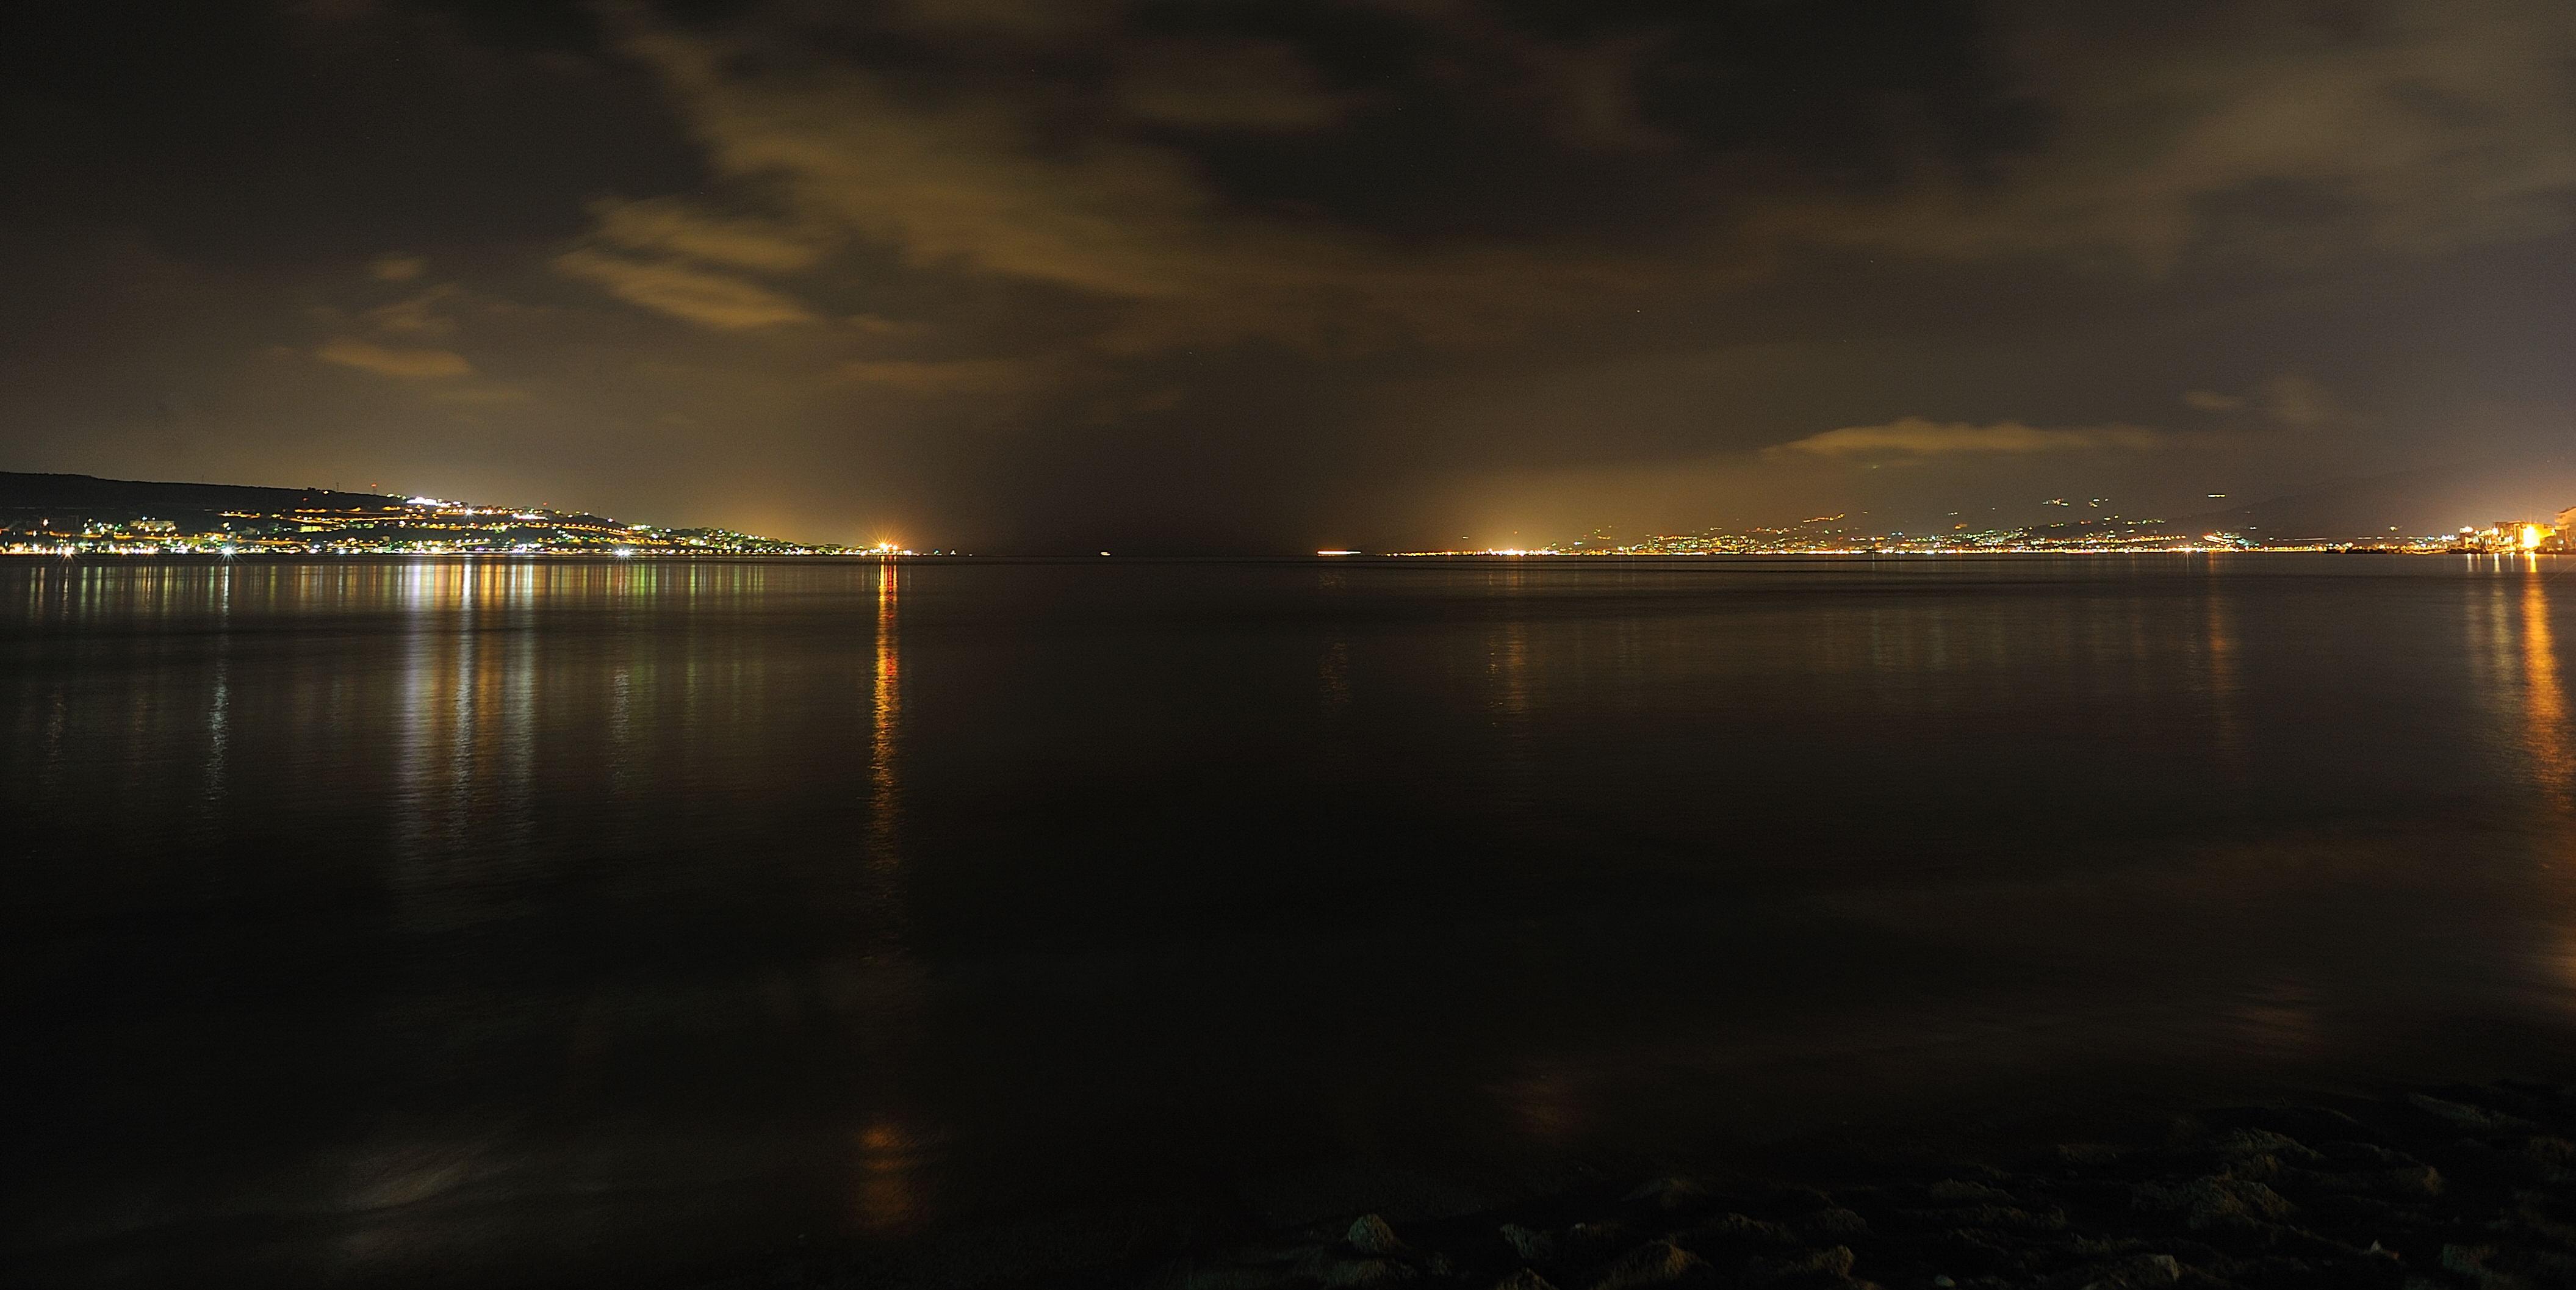 notte sull'acqua - TORRE FARO - inserita il